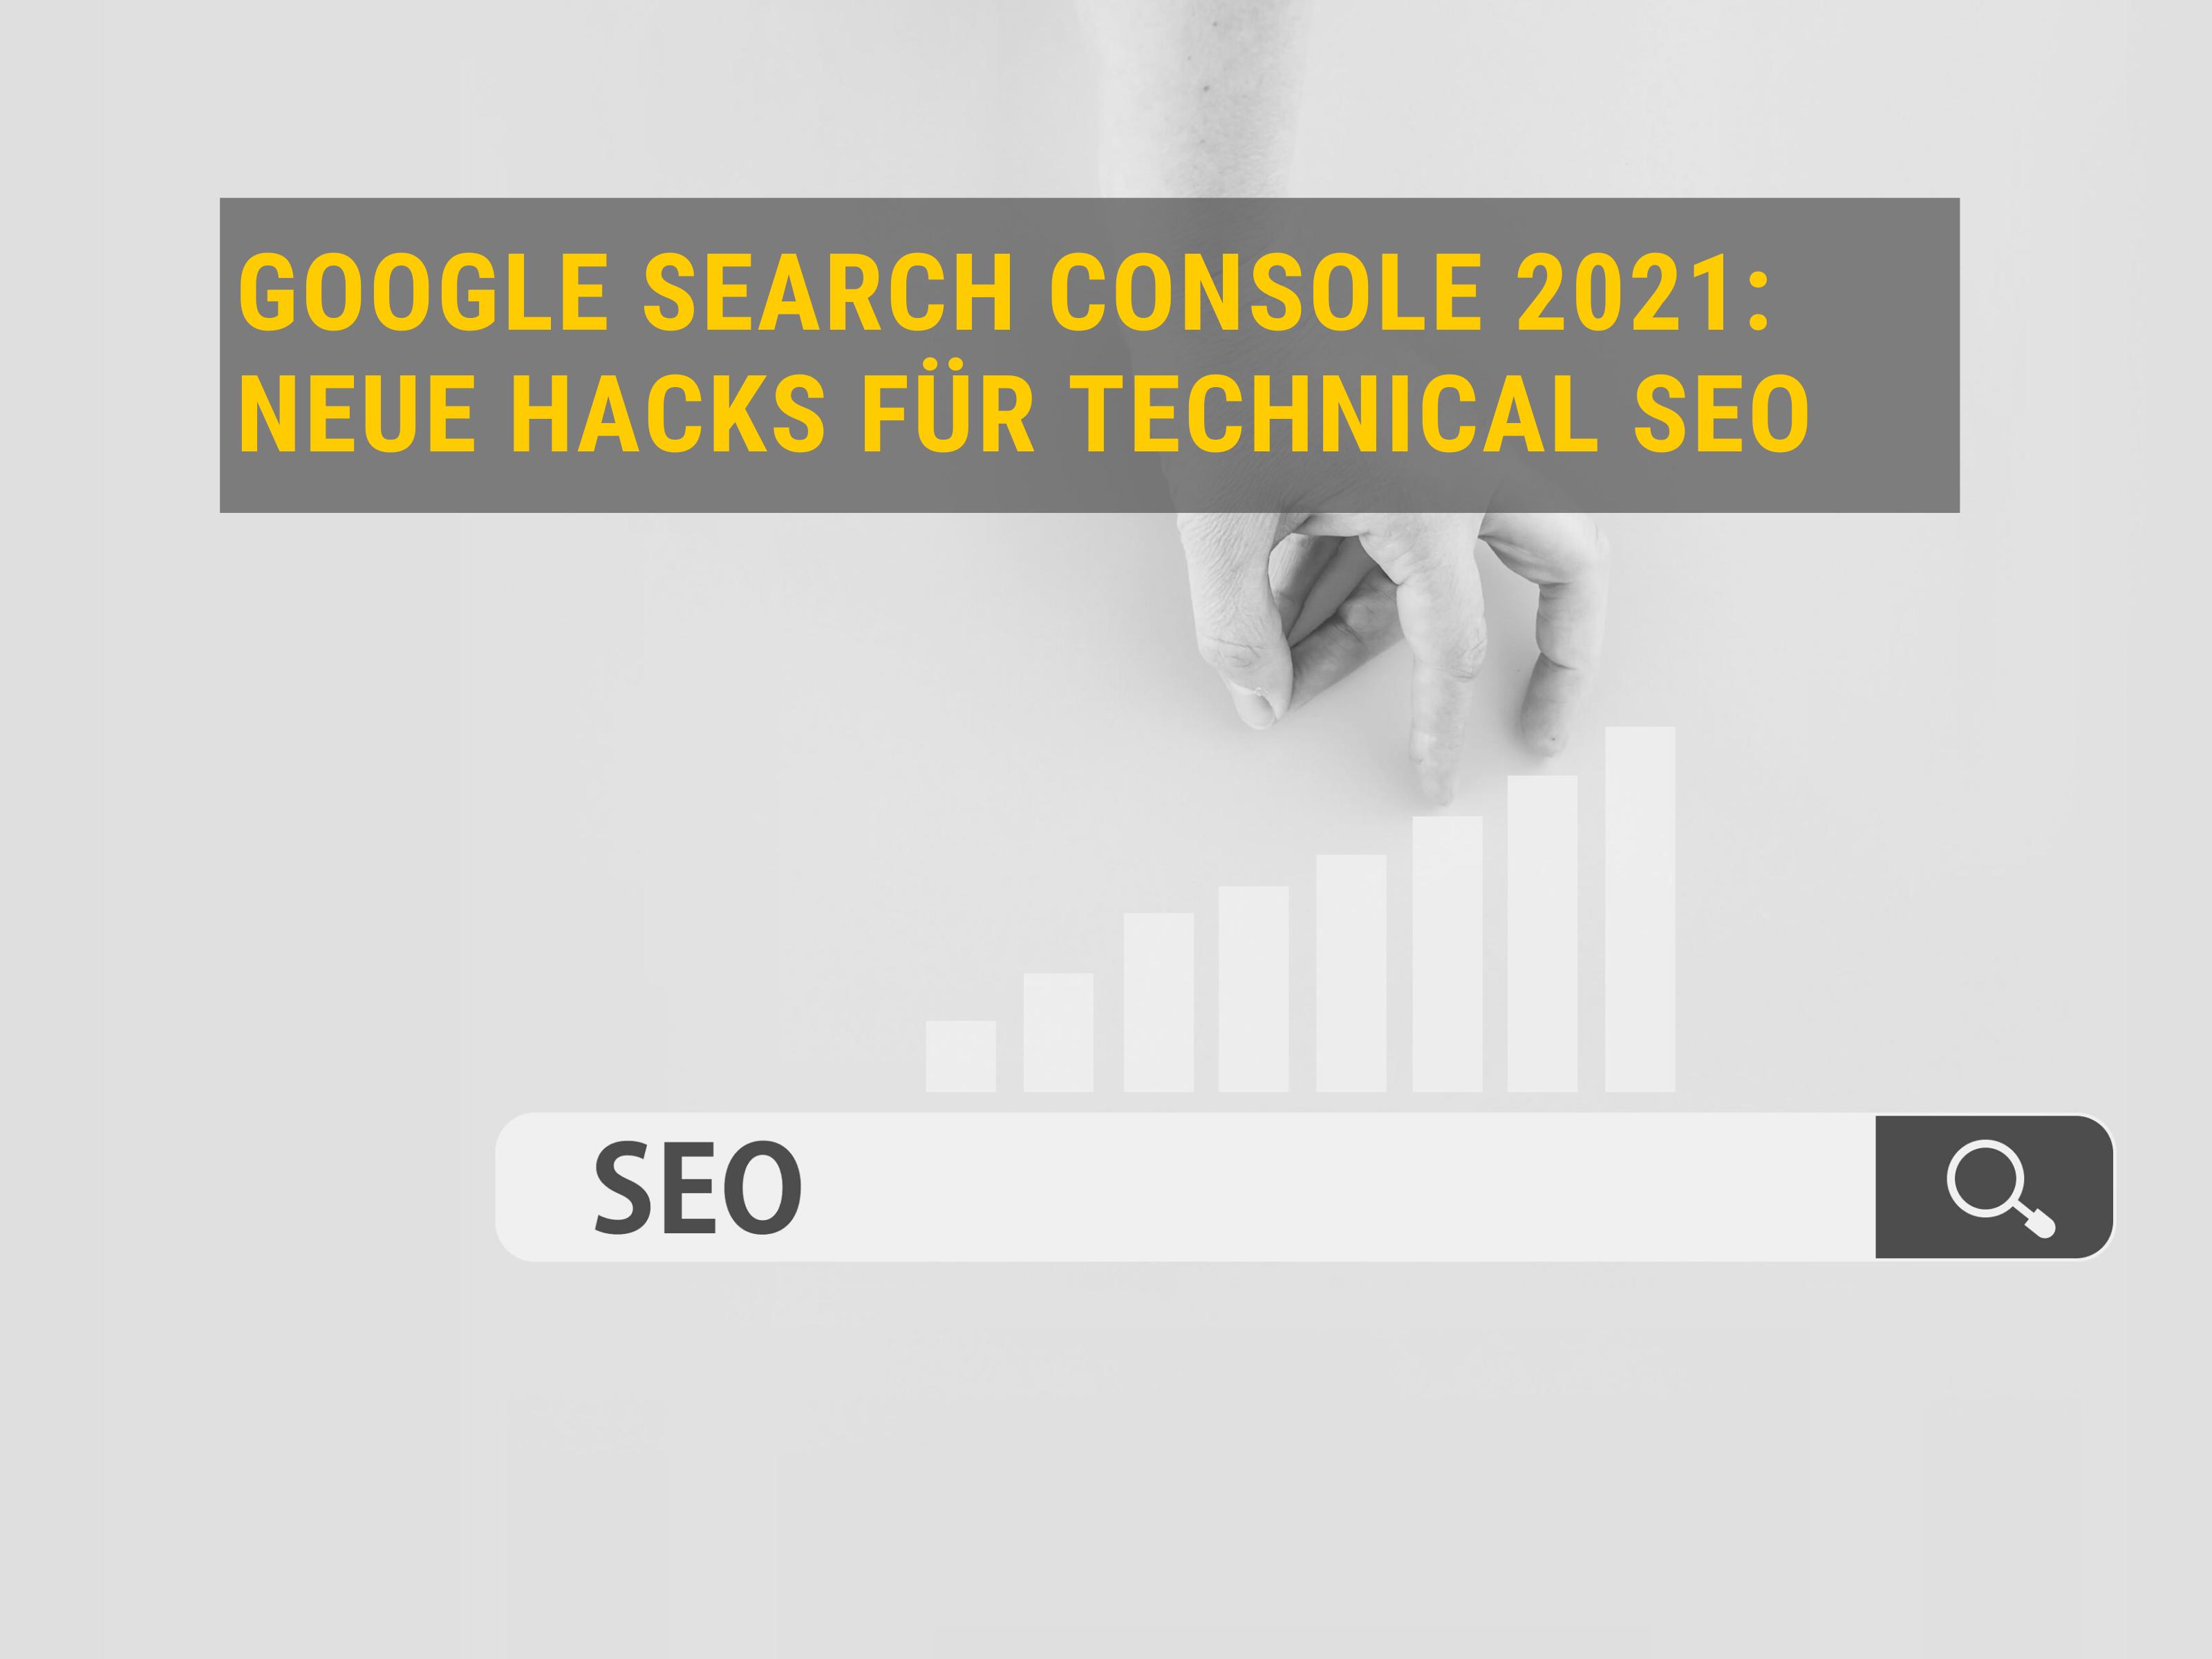 Google Search Console 2021